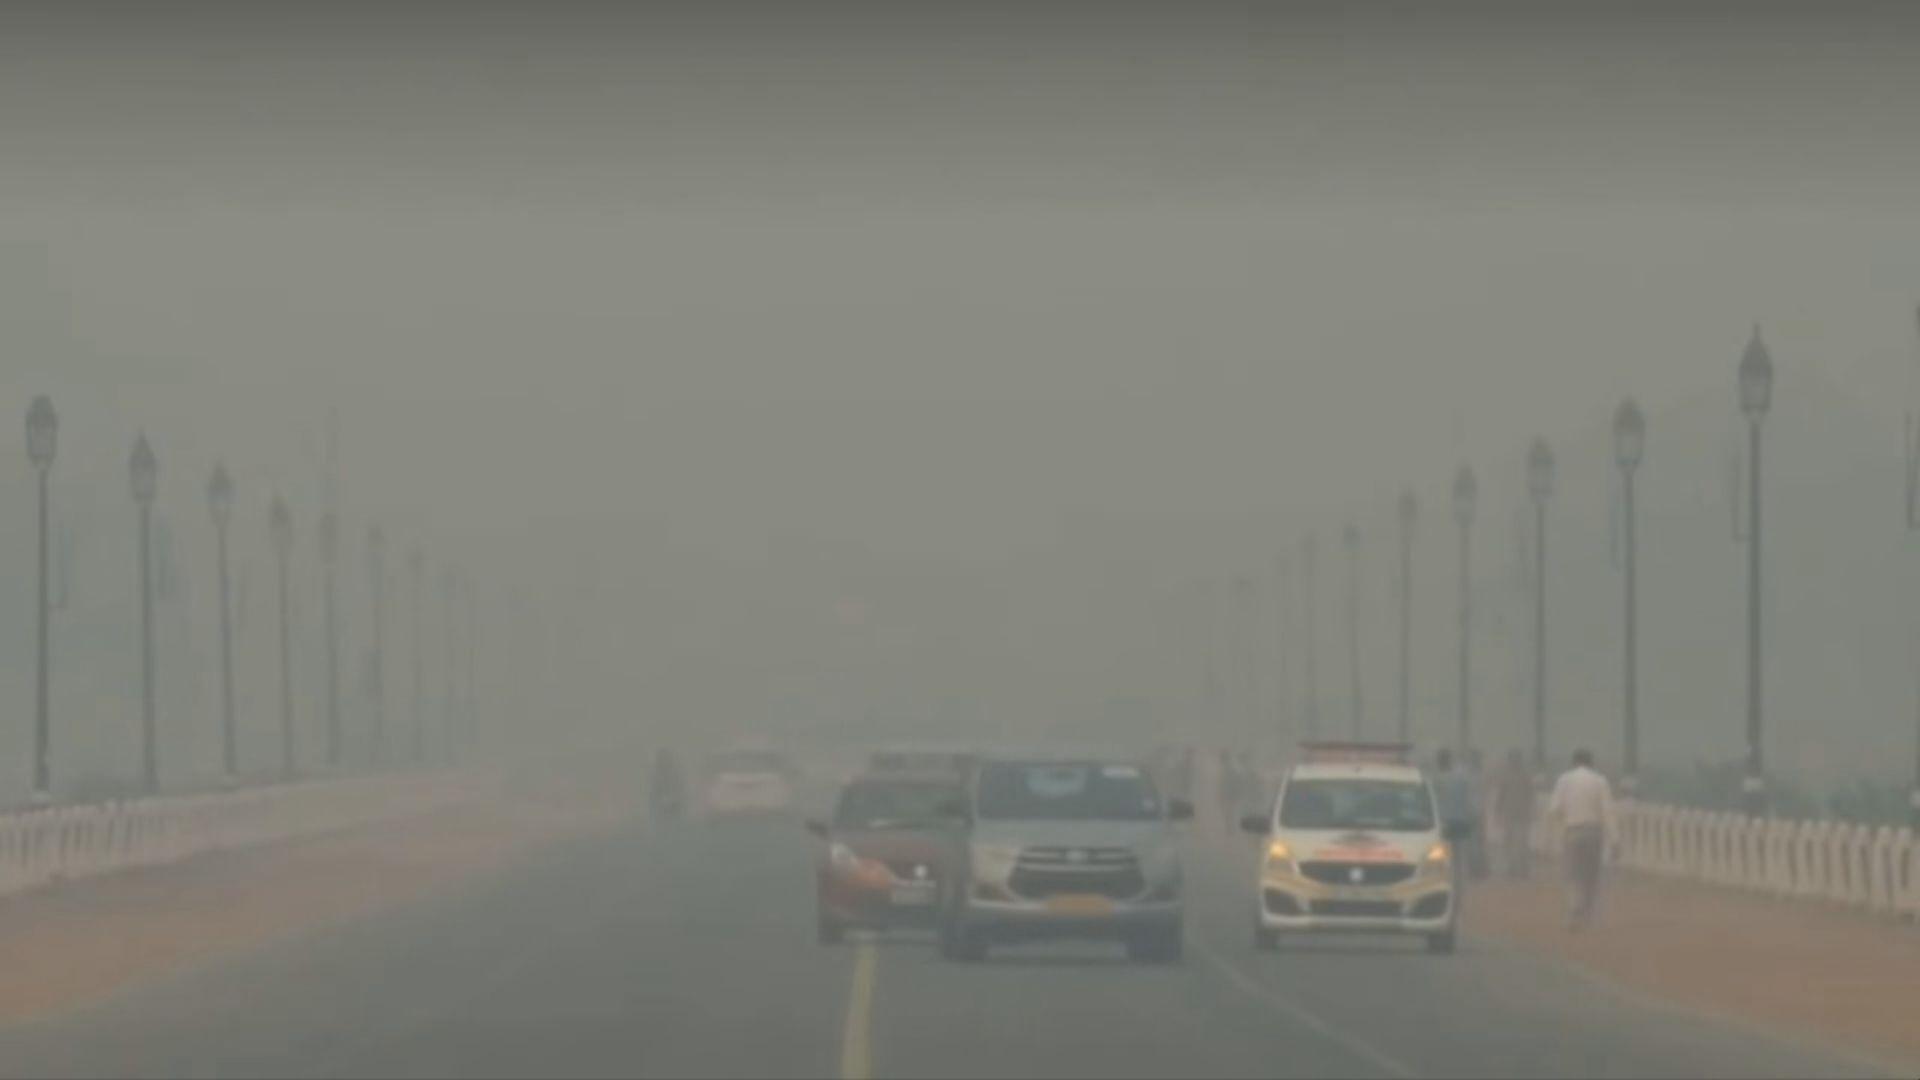 【環球薈報】印度新德里霧霾懸浮粒子超標逾十倍